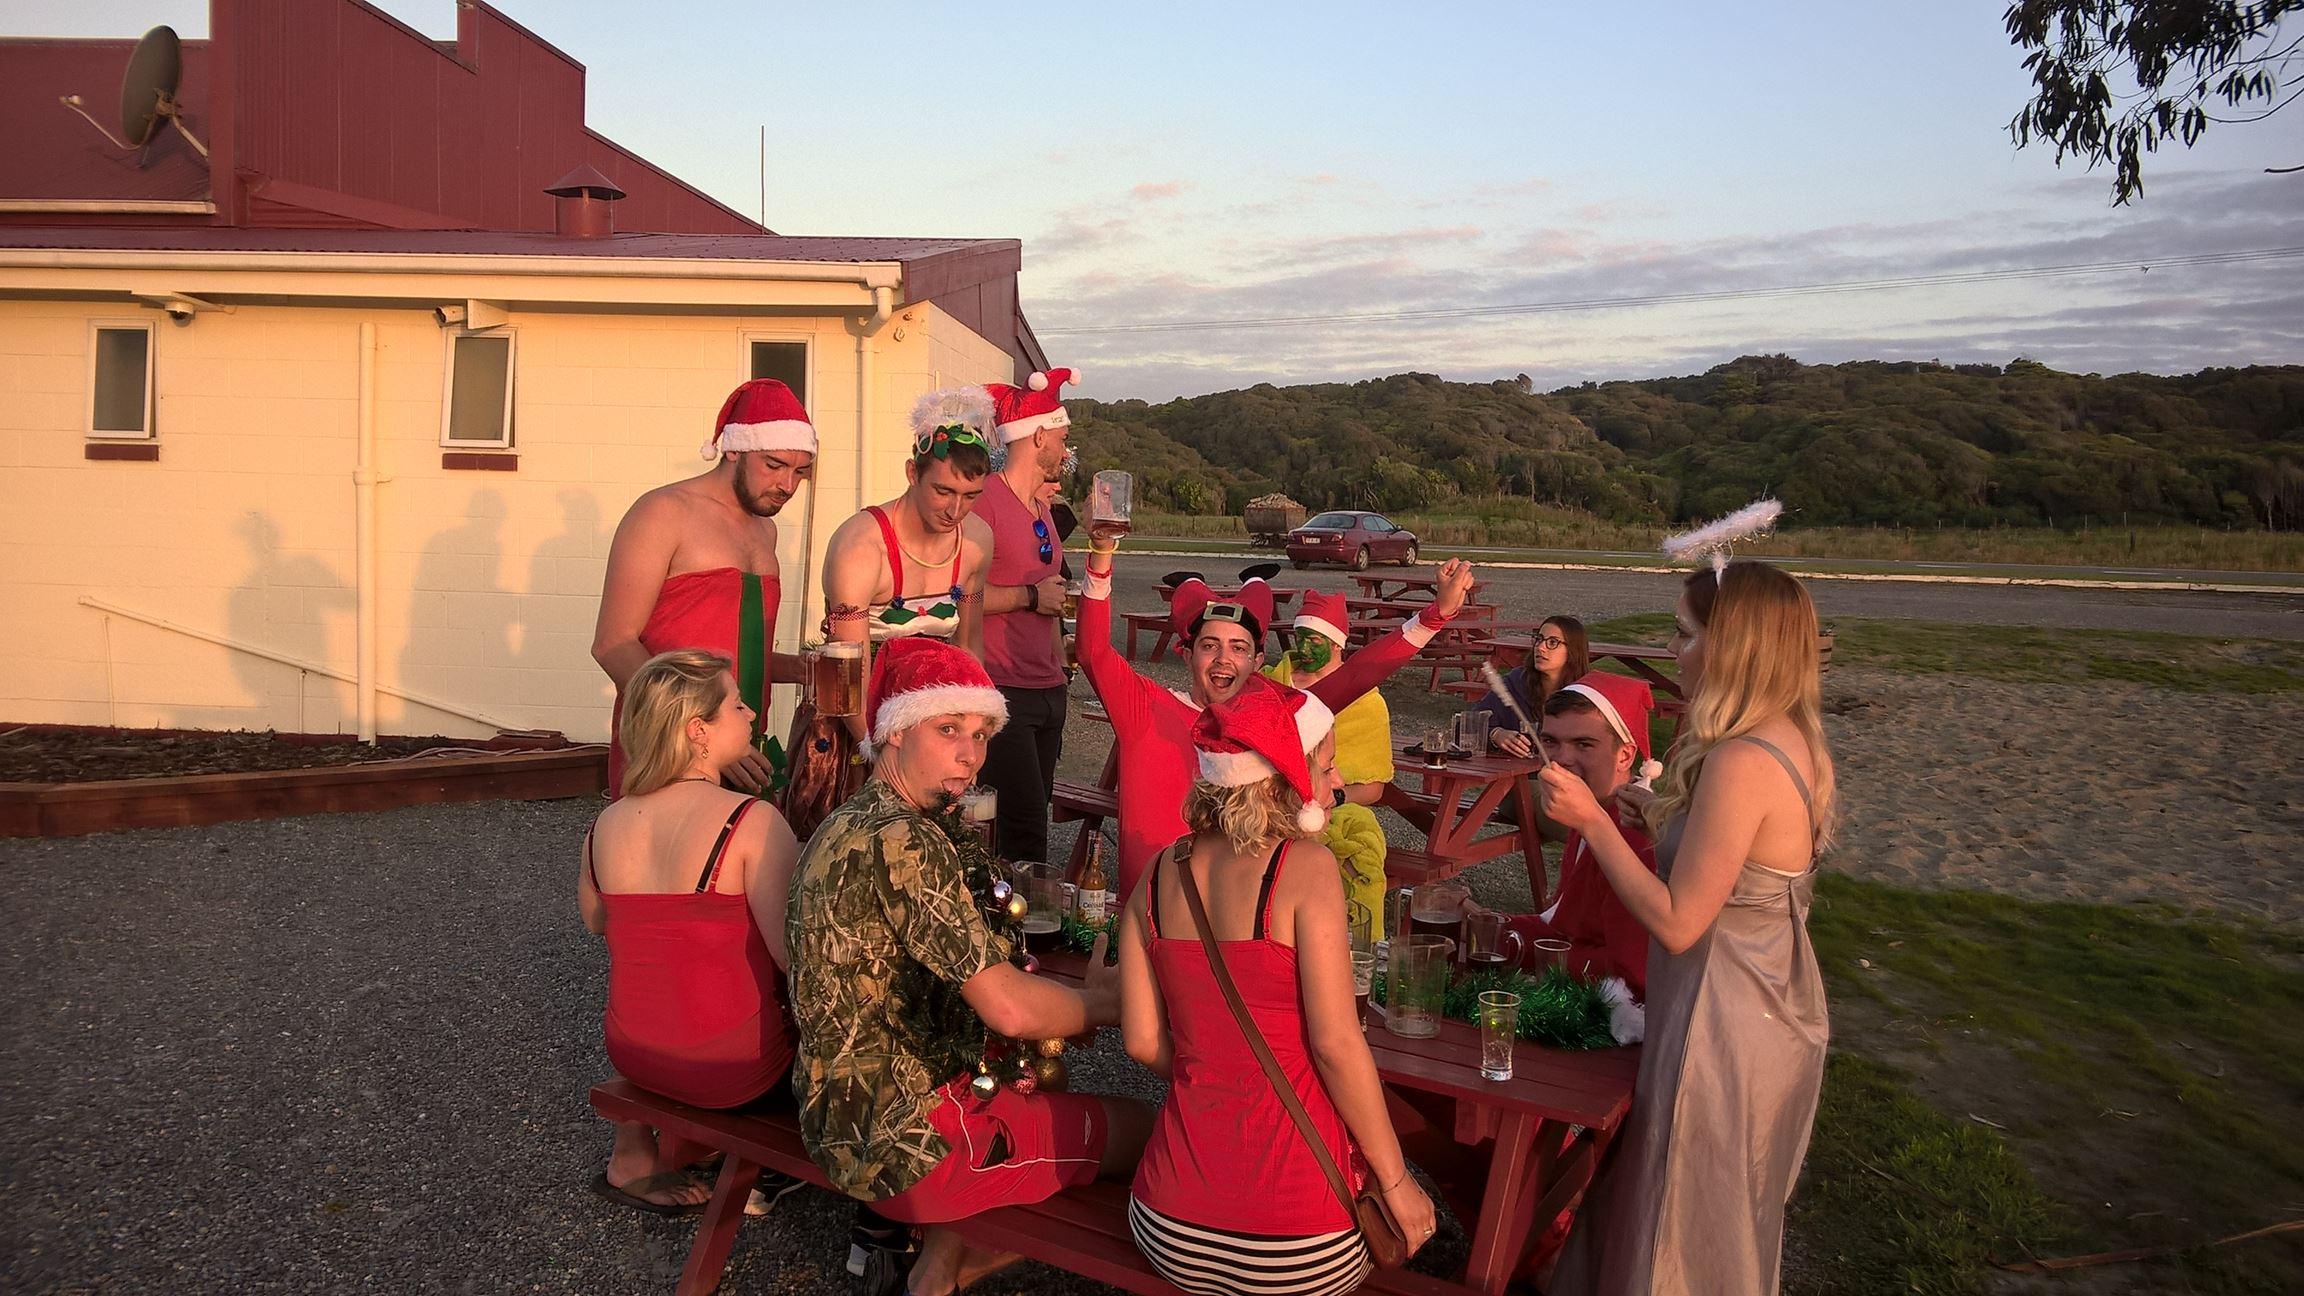 Weihnachtsfeier: So richtig hatte ich ja keine Lust darauf